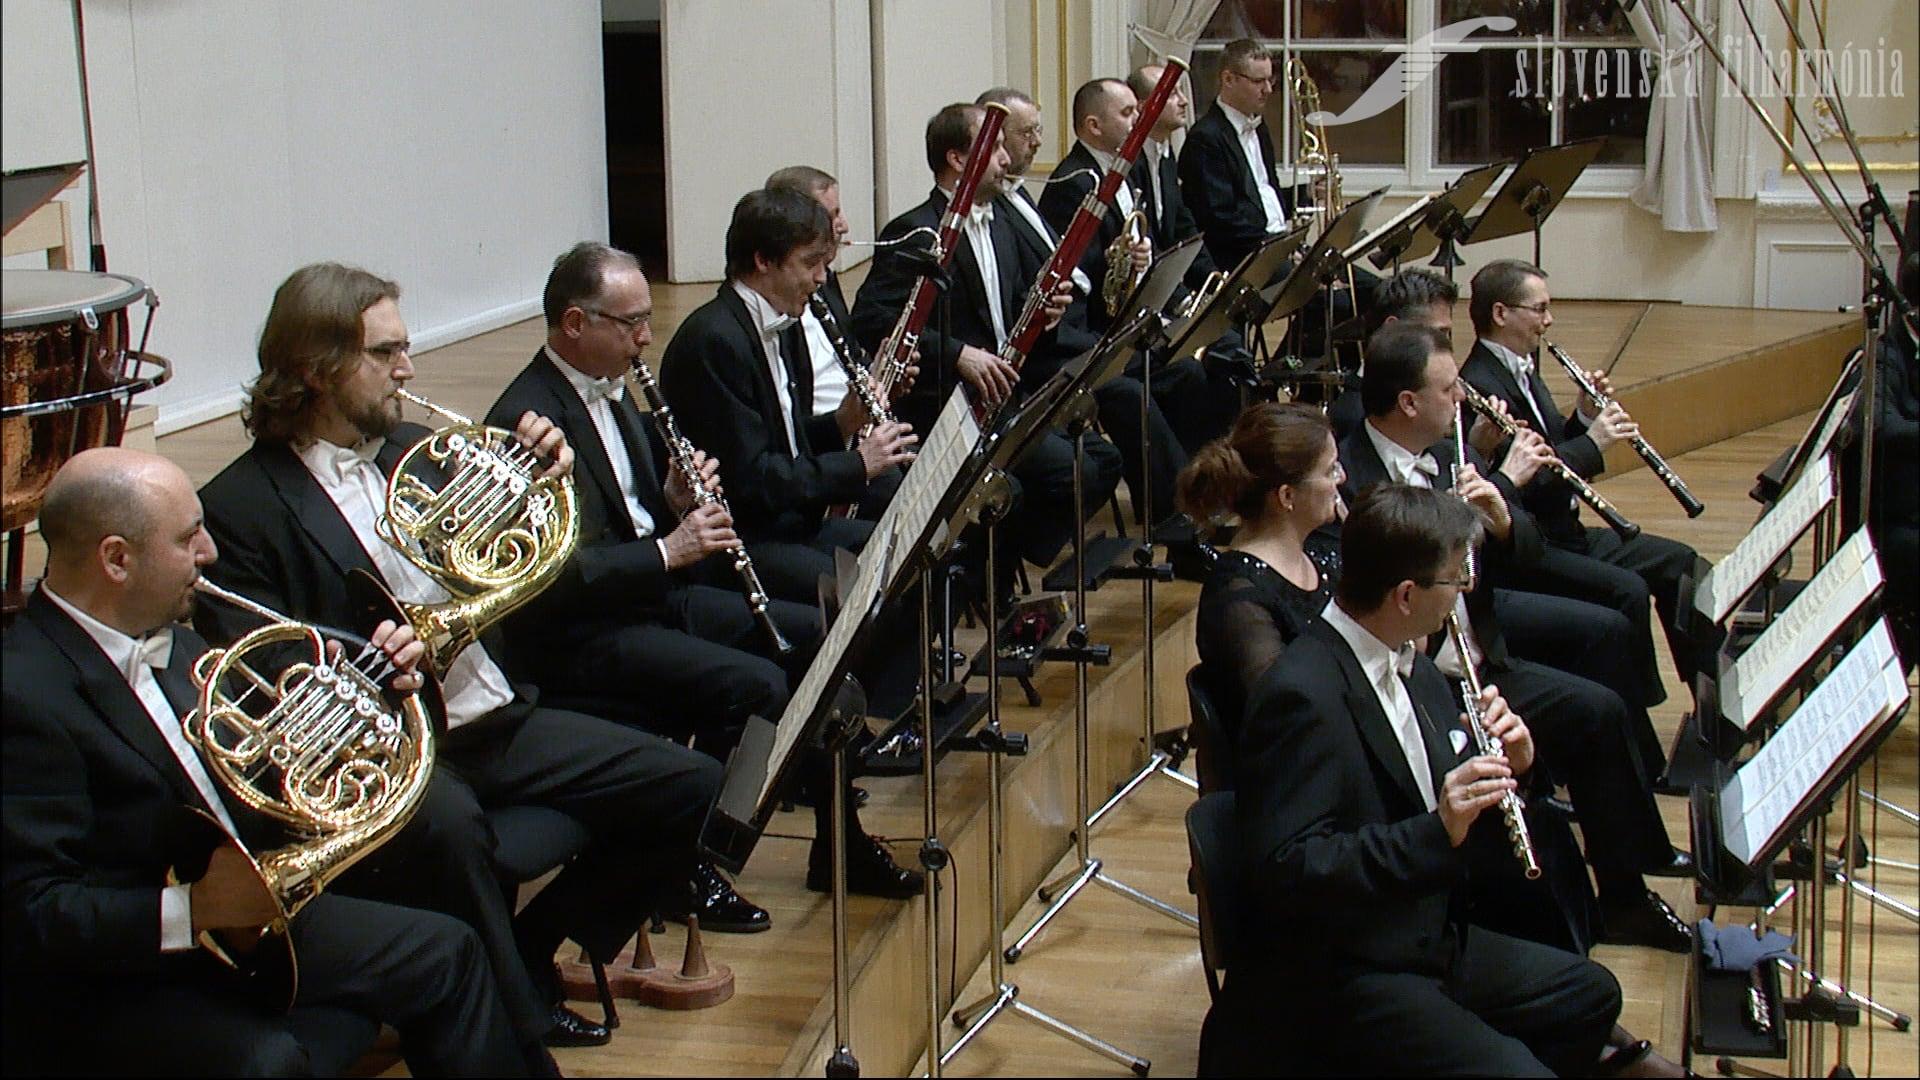 Schubert, Knecht, Beethoven